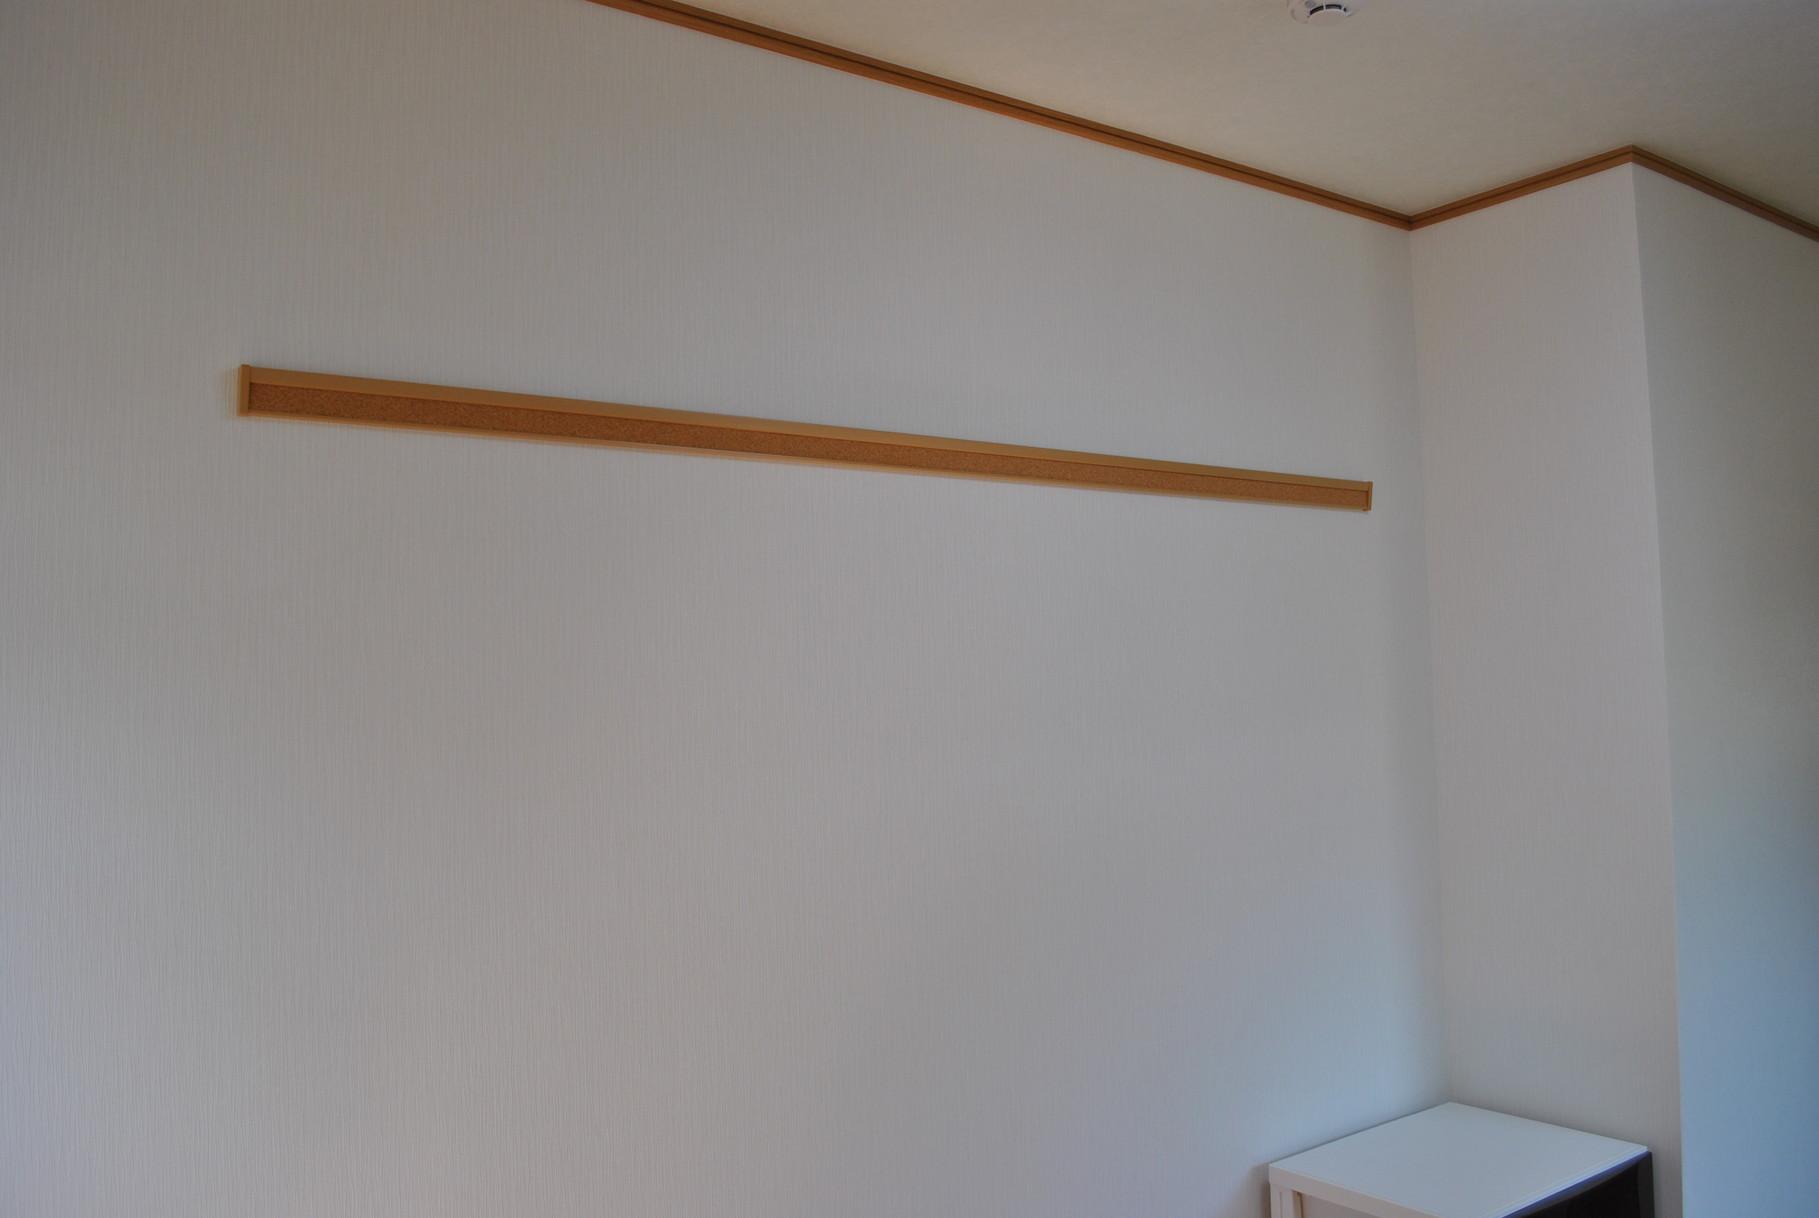 壁にはハンガーや画鋲も刺せる優れもの、ピンタックハンガーを取り付けました